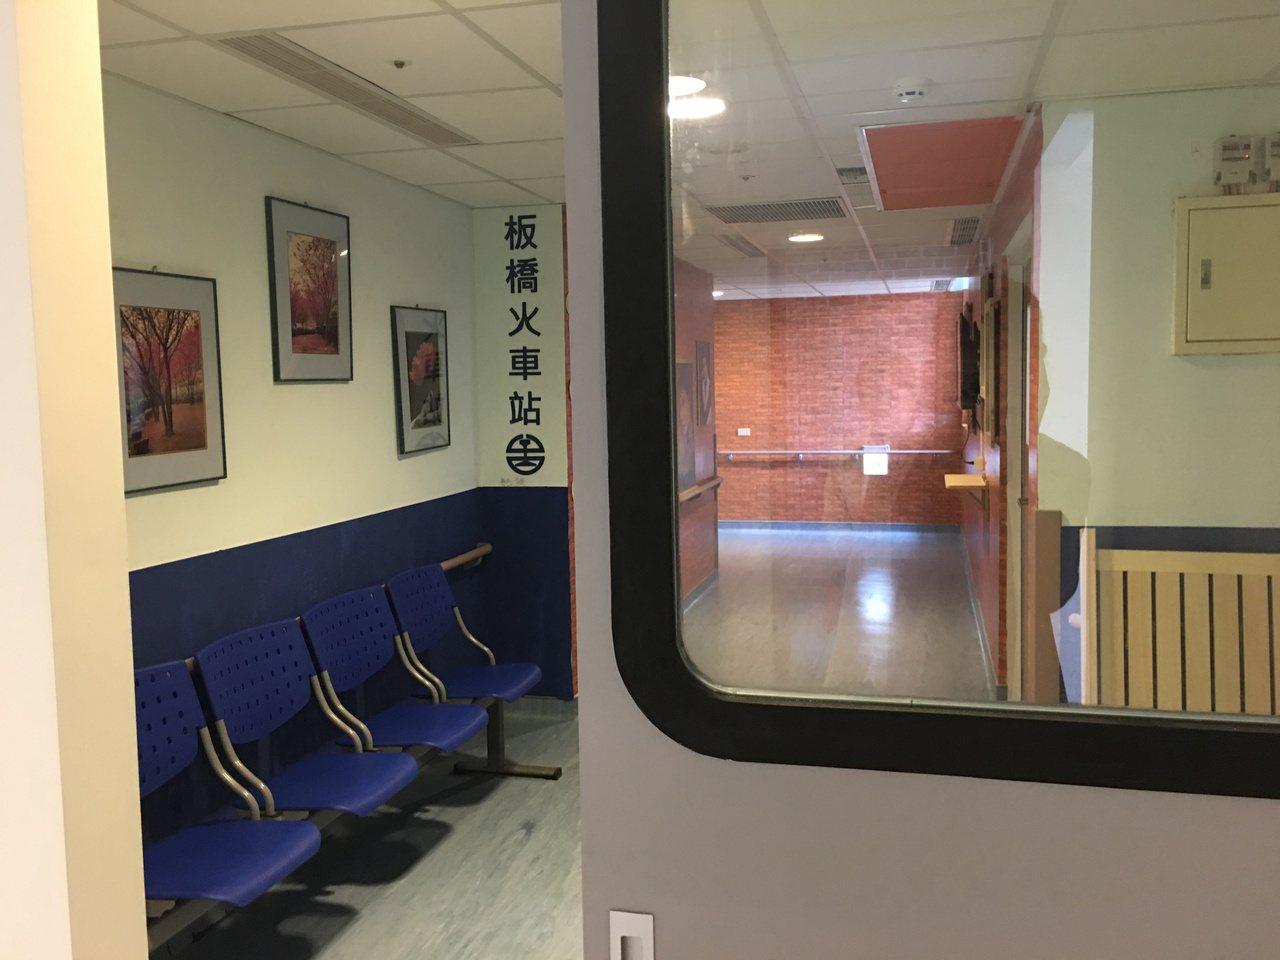 板橋榮家失智祥和堂把廊道打造成板橋火車站。 記者鄧桂芬/攝影